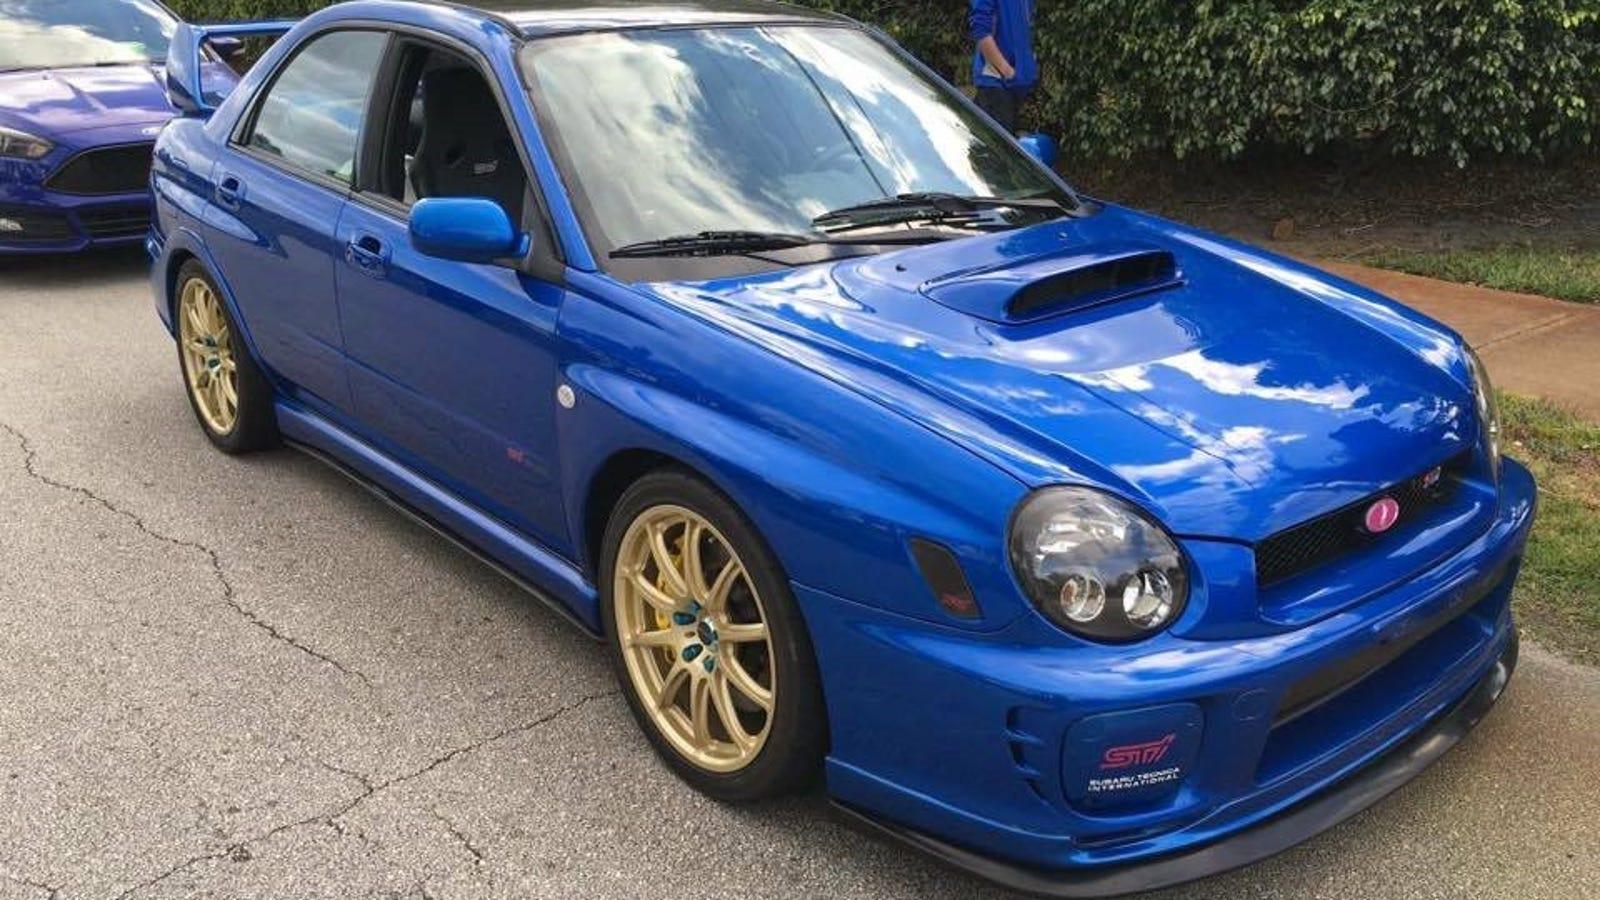 Help Us Find This Stolen 2002 Subaru WRX Bugeye [Update: Found]